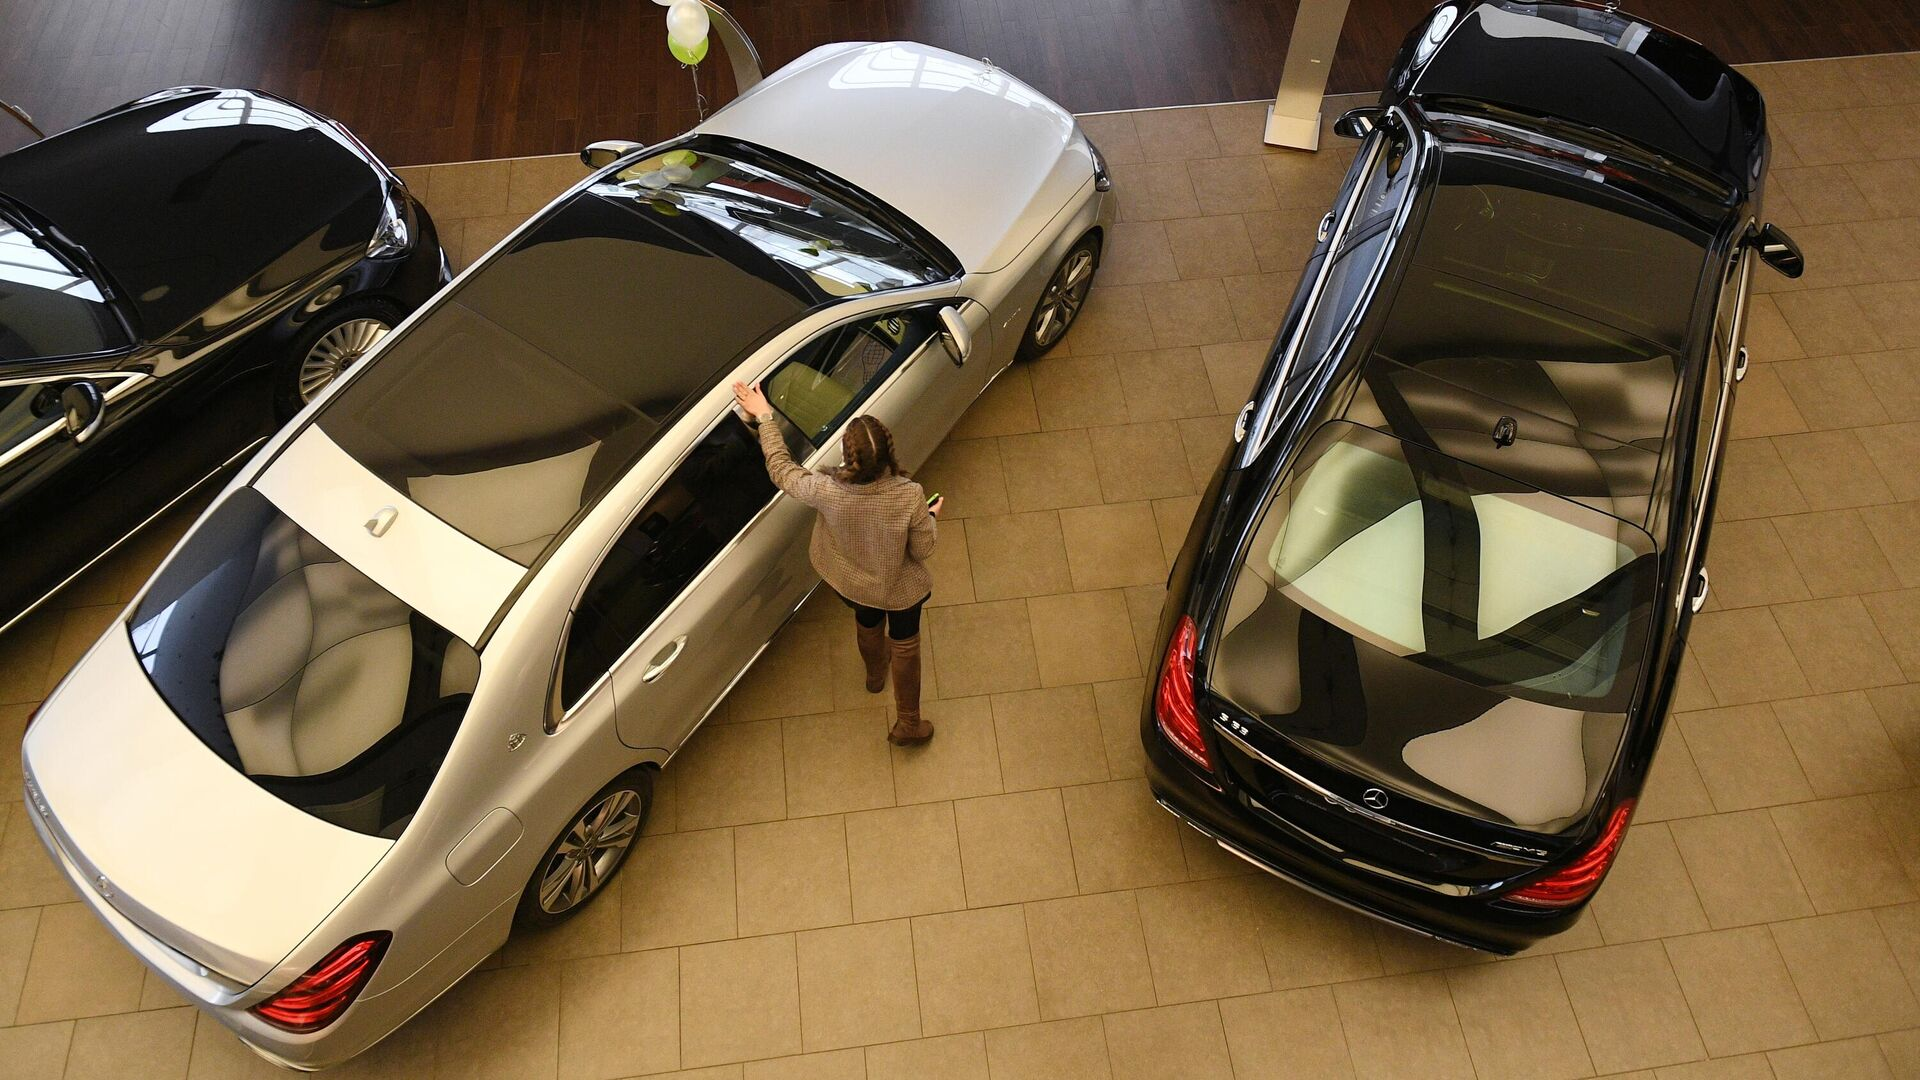 Менеджер демонстрирует покупателям автомобиль в автосалоне по продаже подержанных авто в Москве - РИА Новости, 1920, 14.04.2021